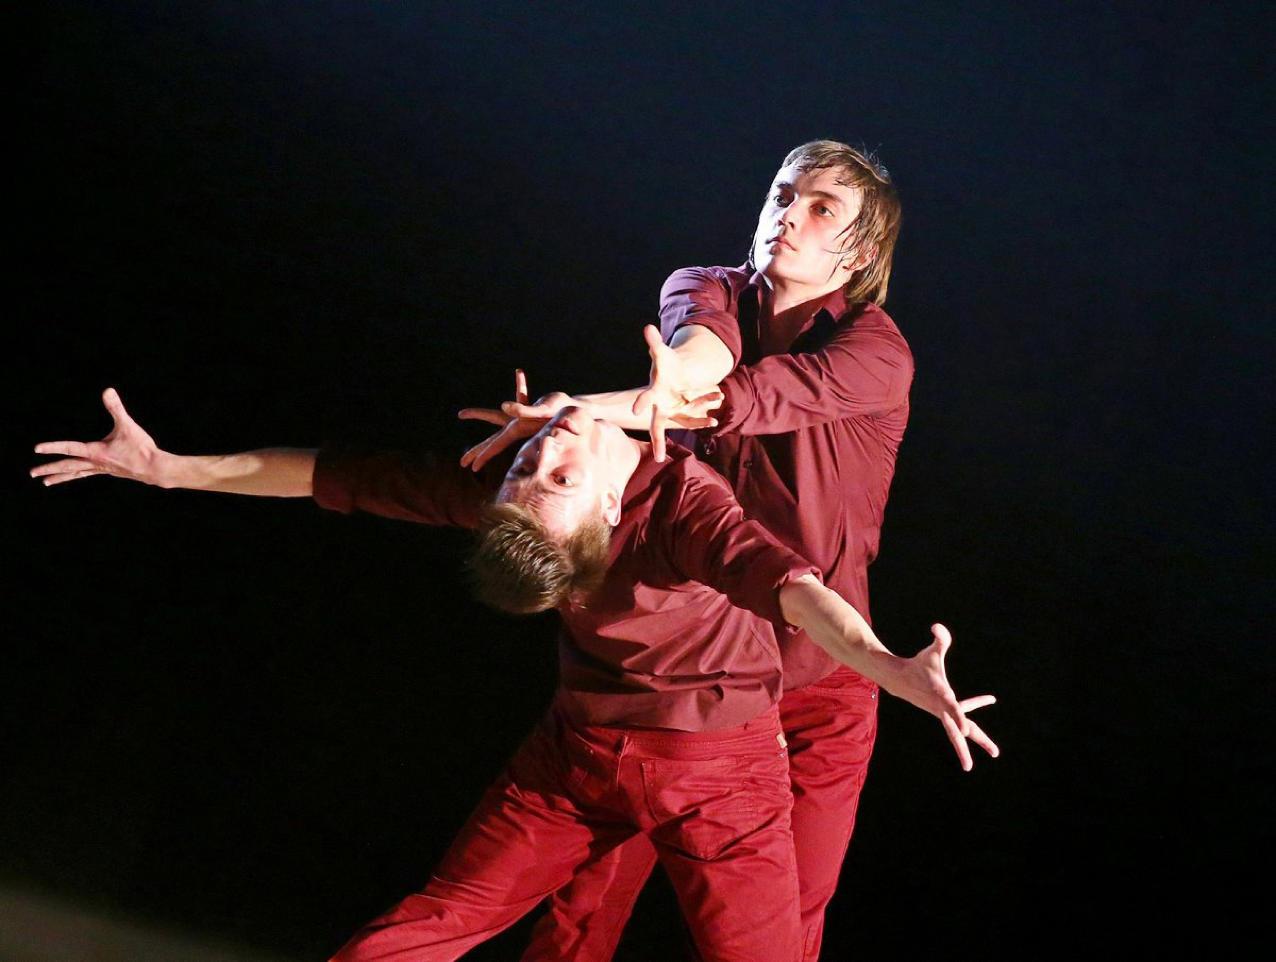 Saint-Pée-sur-Nivelle : ballets entre songes et instinct